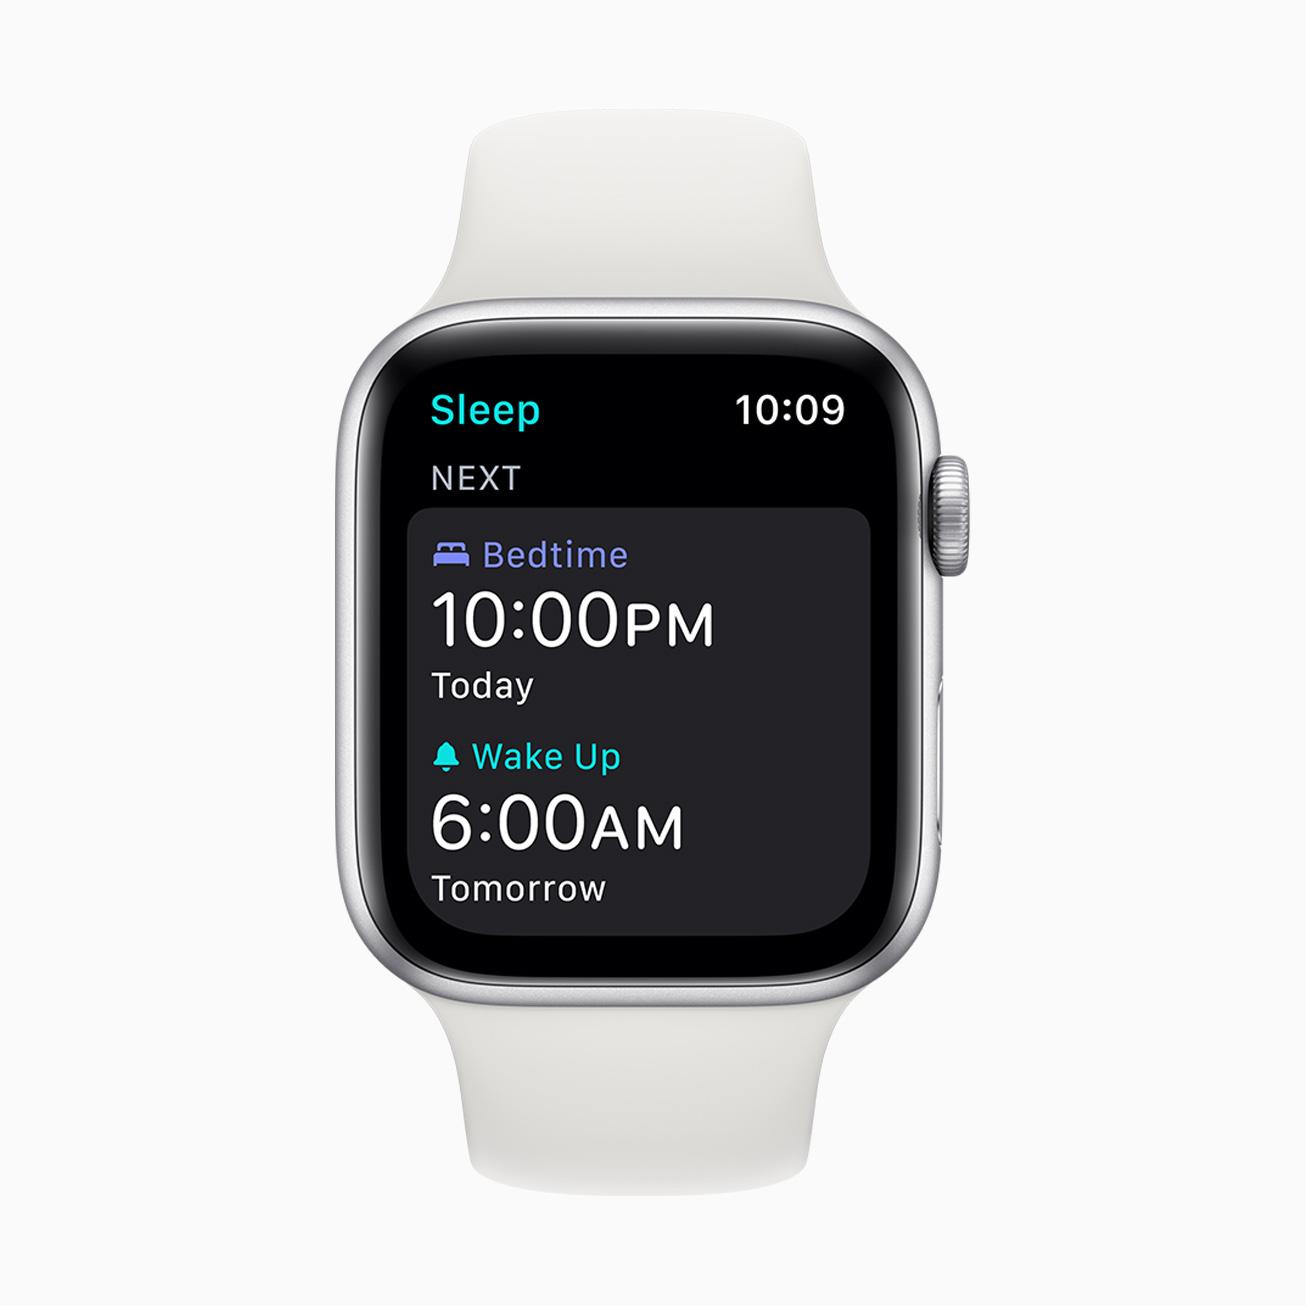 Sleep Duration Goal